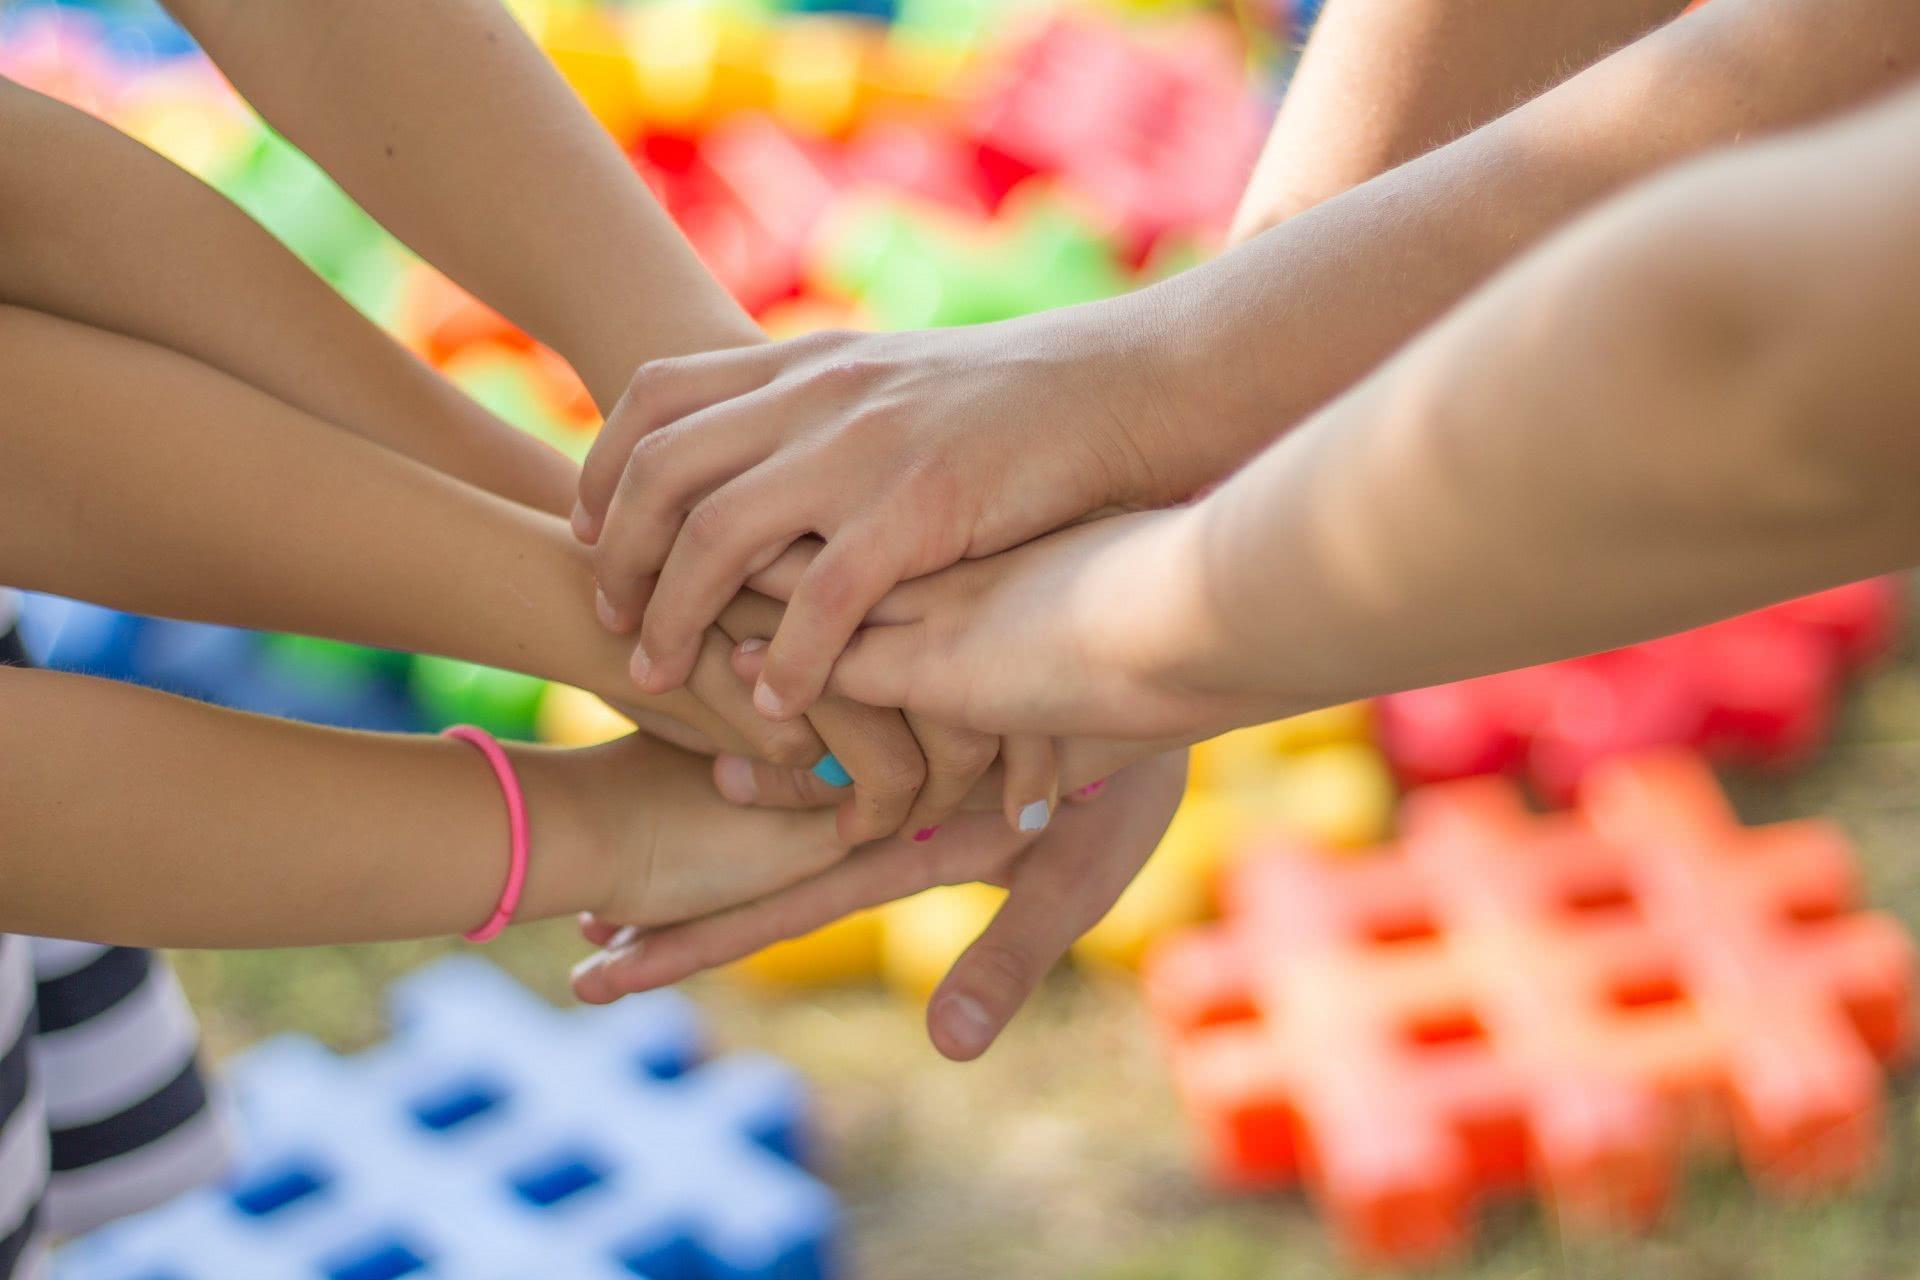 Foto: Hände, die sich berühren